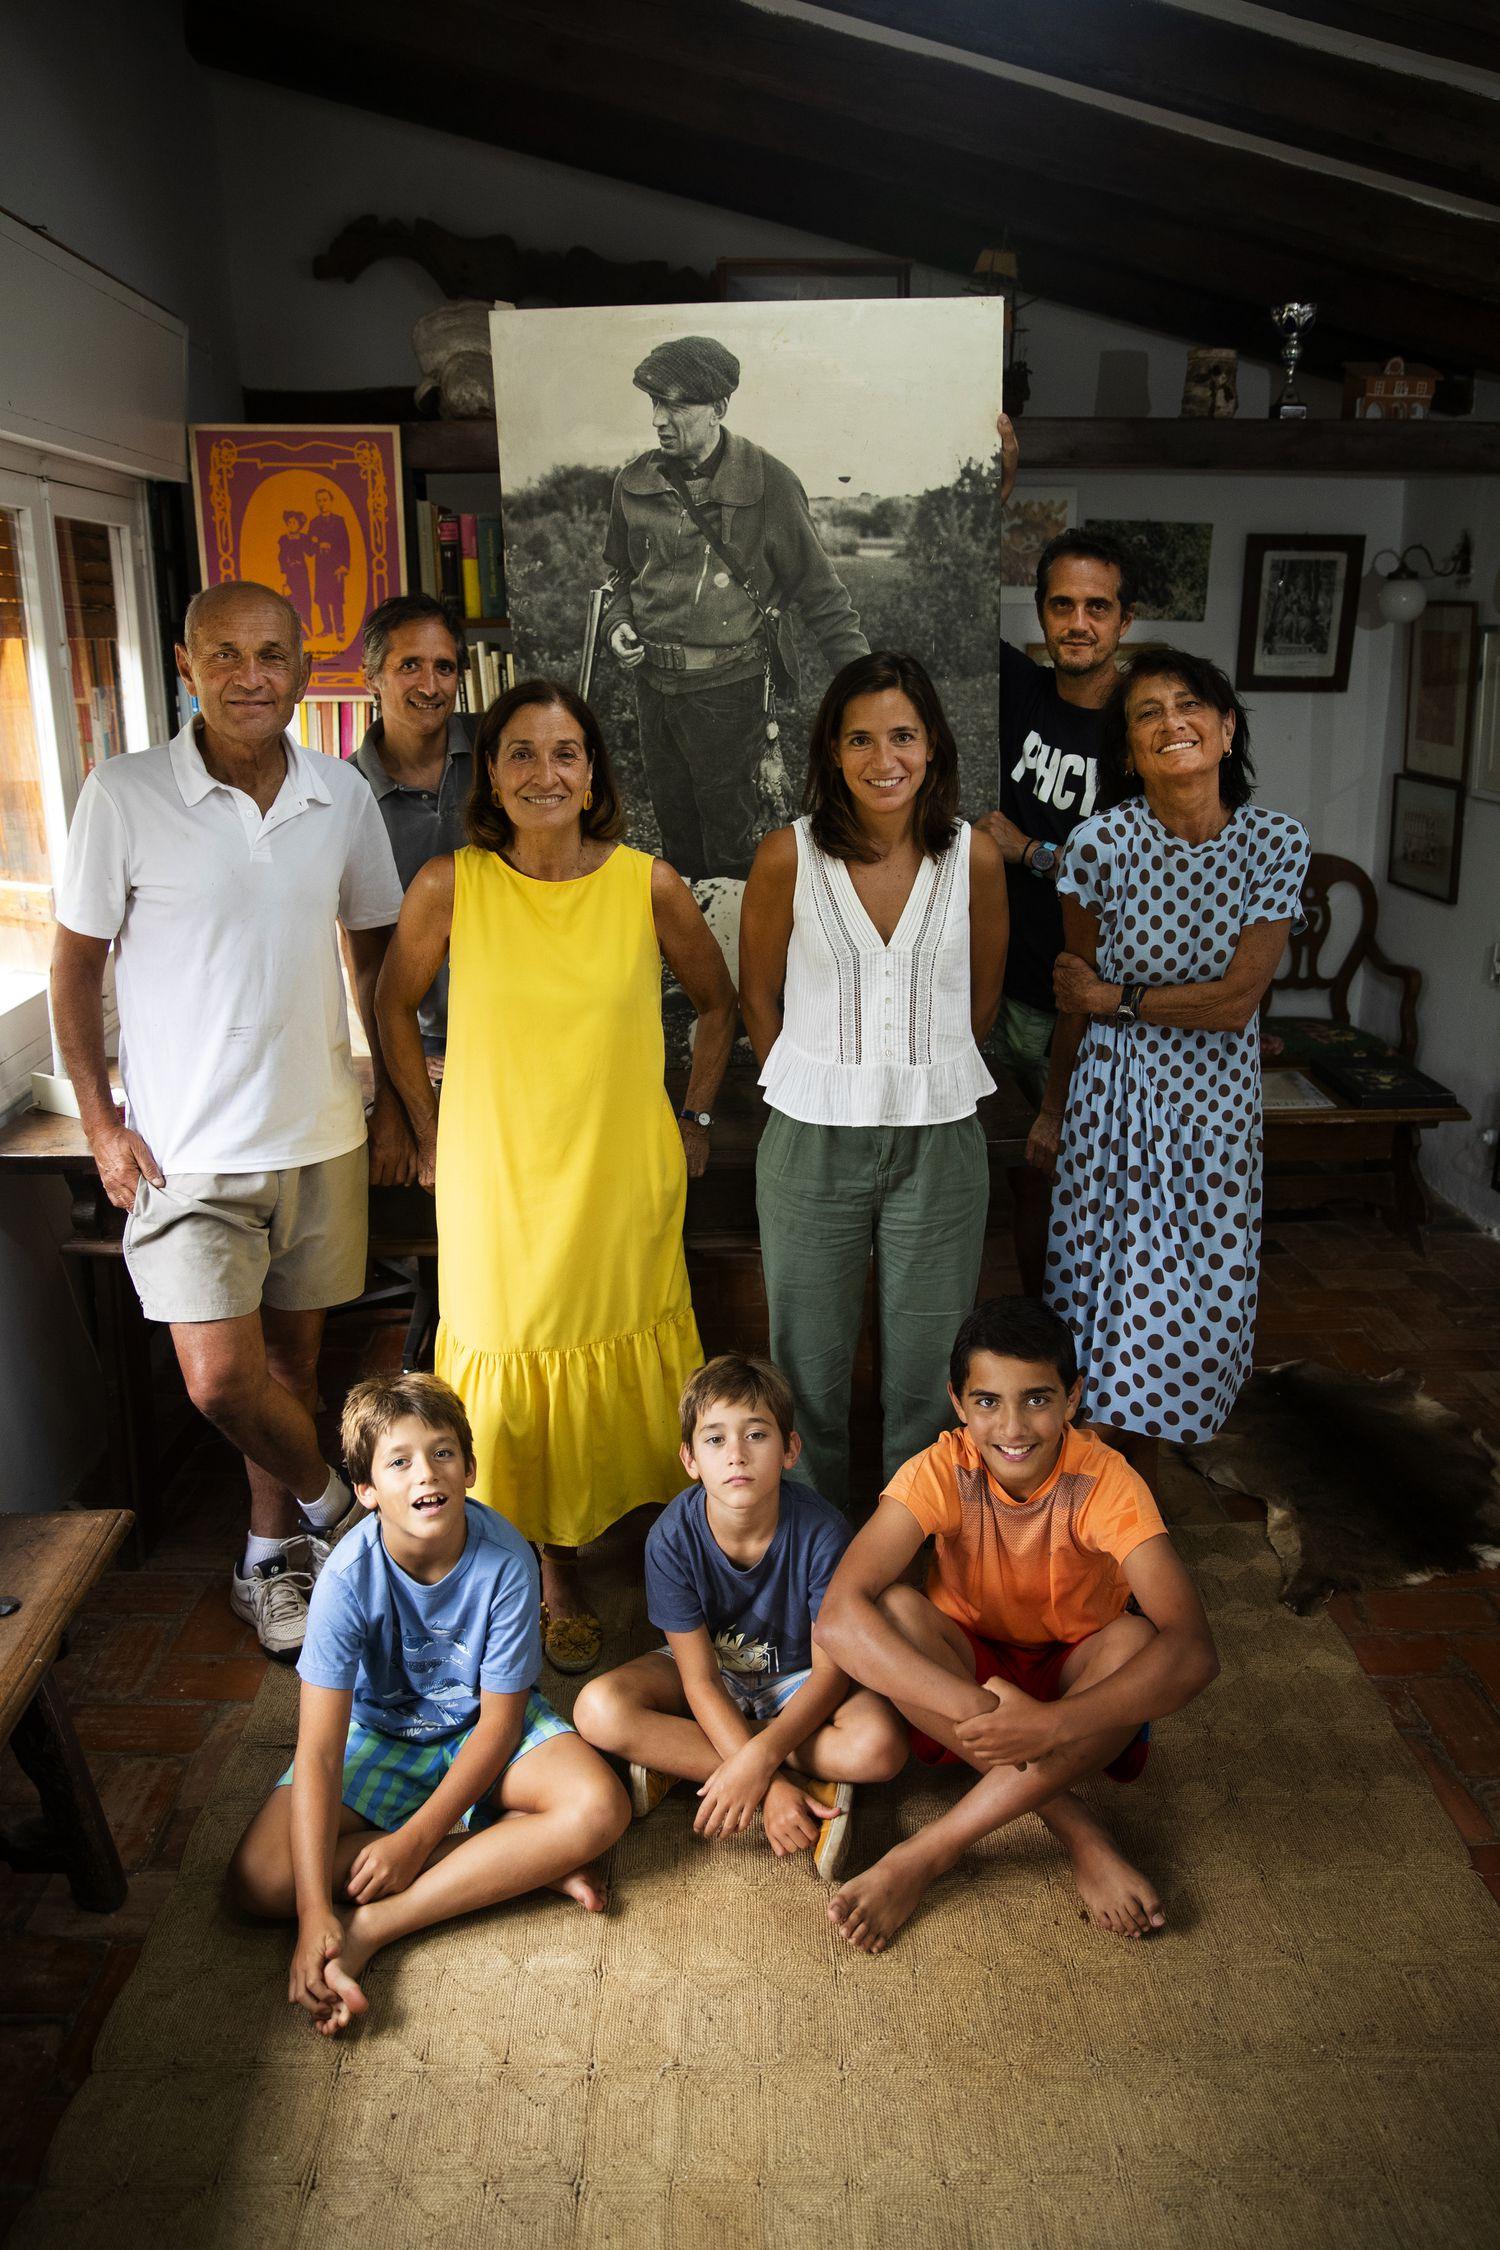 Reunión de la familia Delibes en la cabaña en la que el escritor se aislaba para trabajar en sus novelas, situada junto a la casa de Sedano (Burgos). En la imagen, dos de los hijos de Delibes junto a nietos, familia política y, sentados, tres bisnietos.